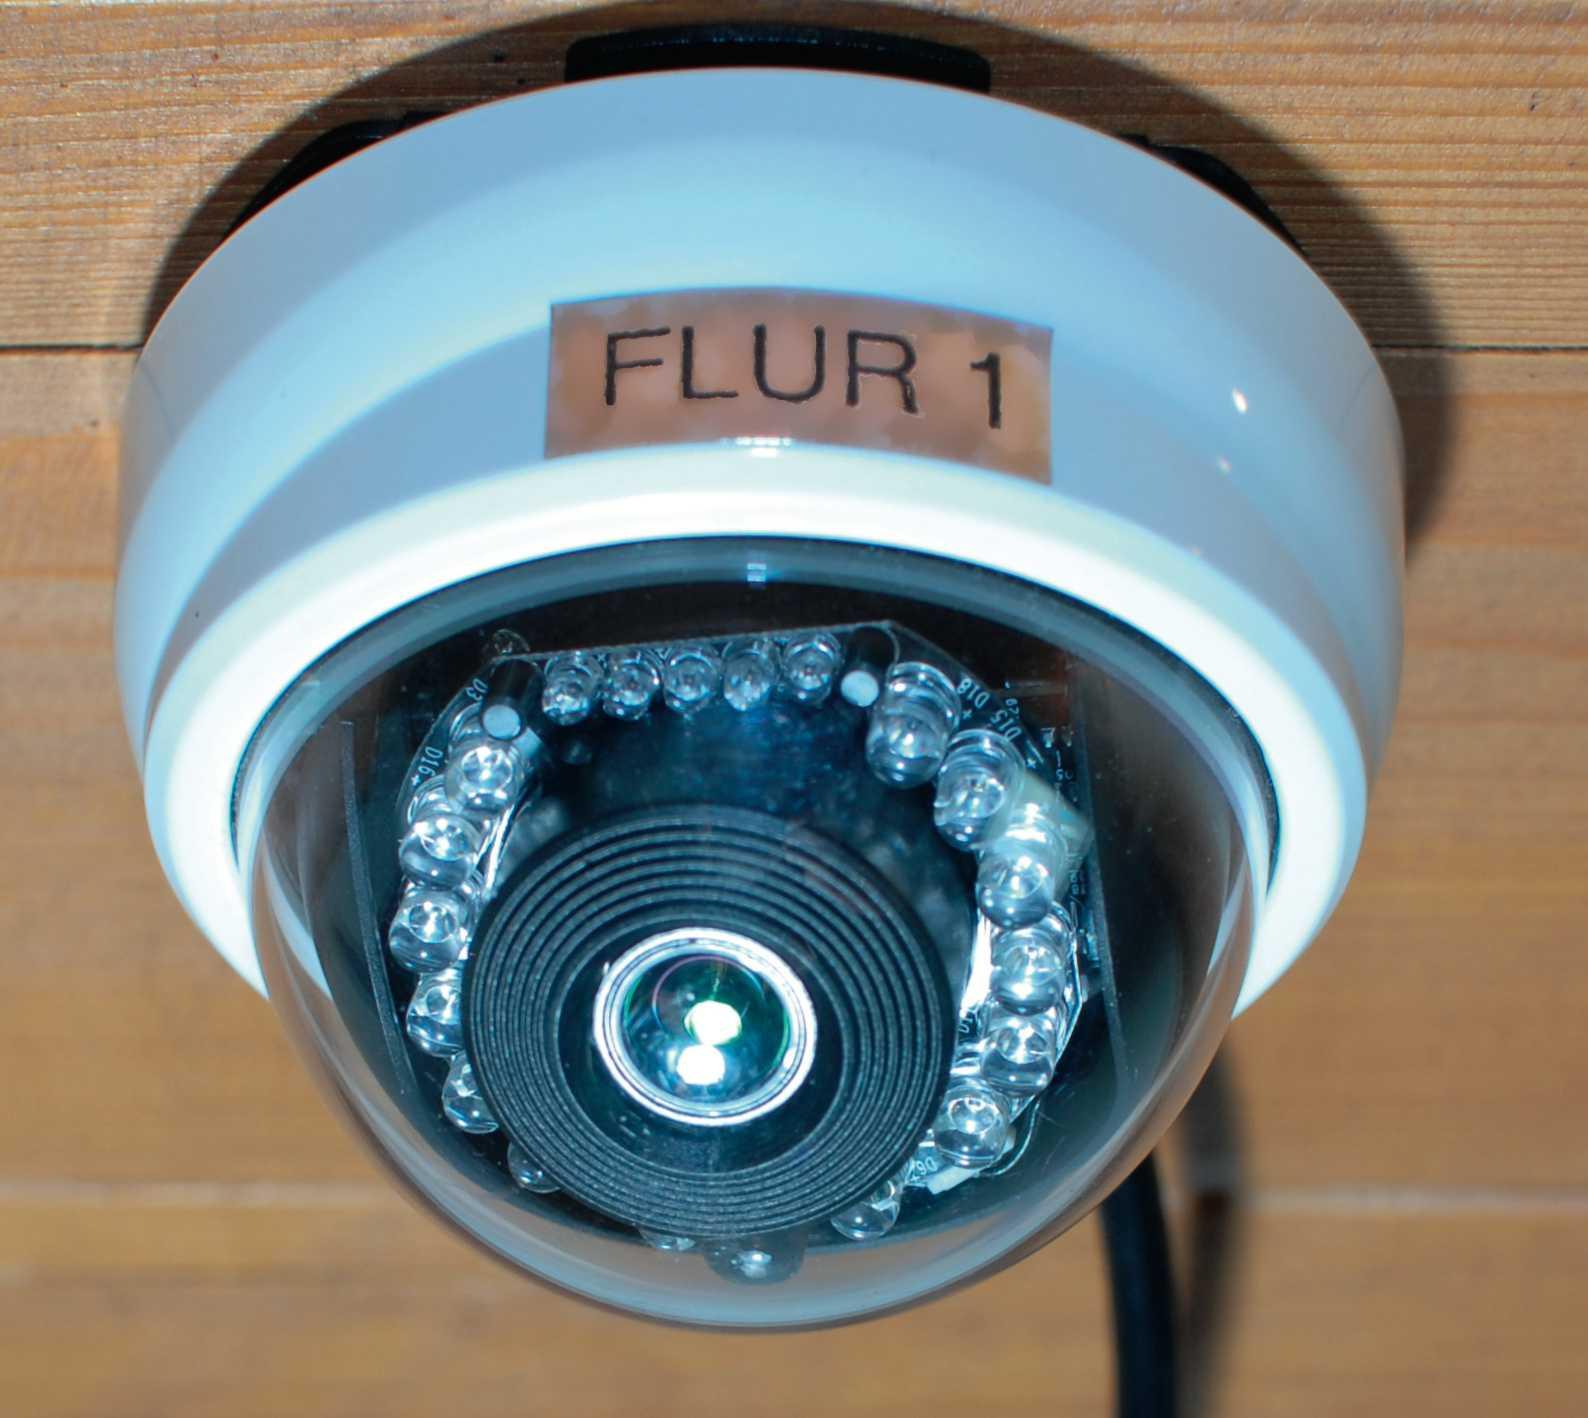 Das Interesse, Wohn- und Arbeitsbereiche durch Kameras zu überwachen, kann gerechtfertigt sein, muss aber gegen die berechtigten Interessen potenziell Erfasster abgewogen werden.